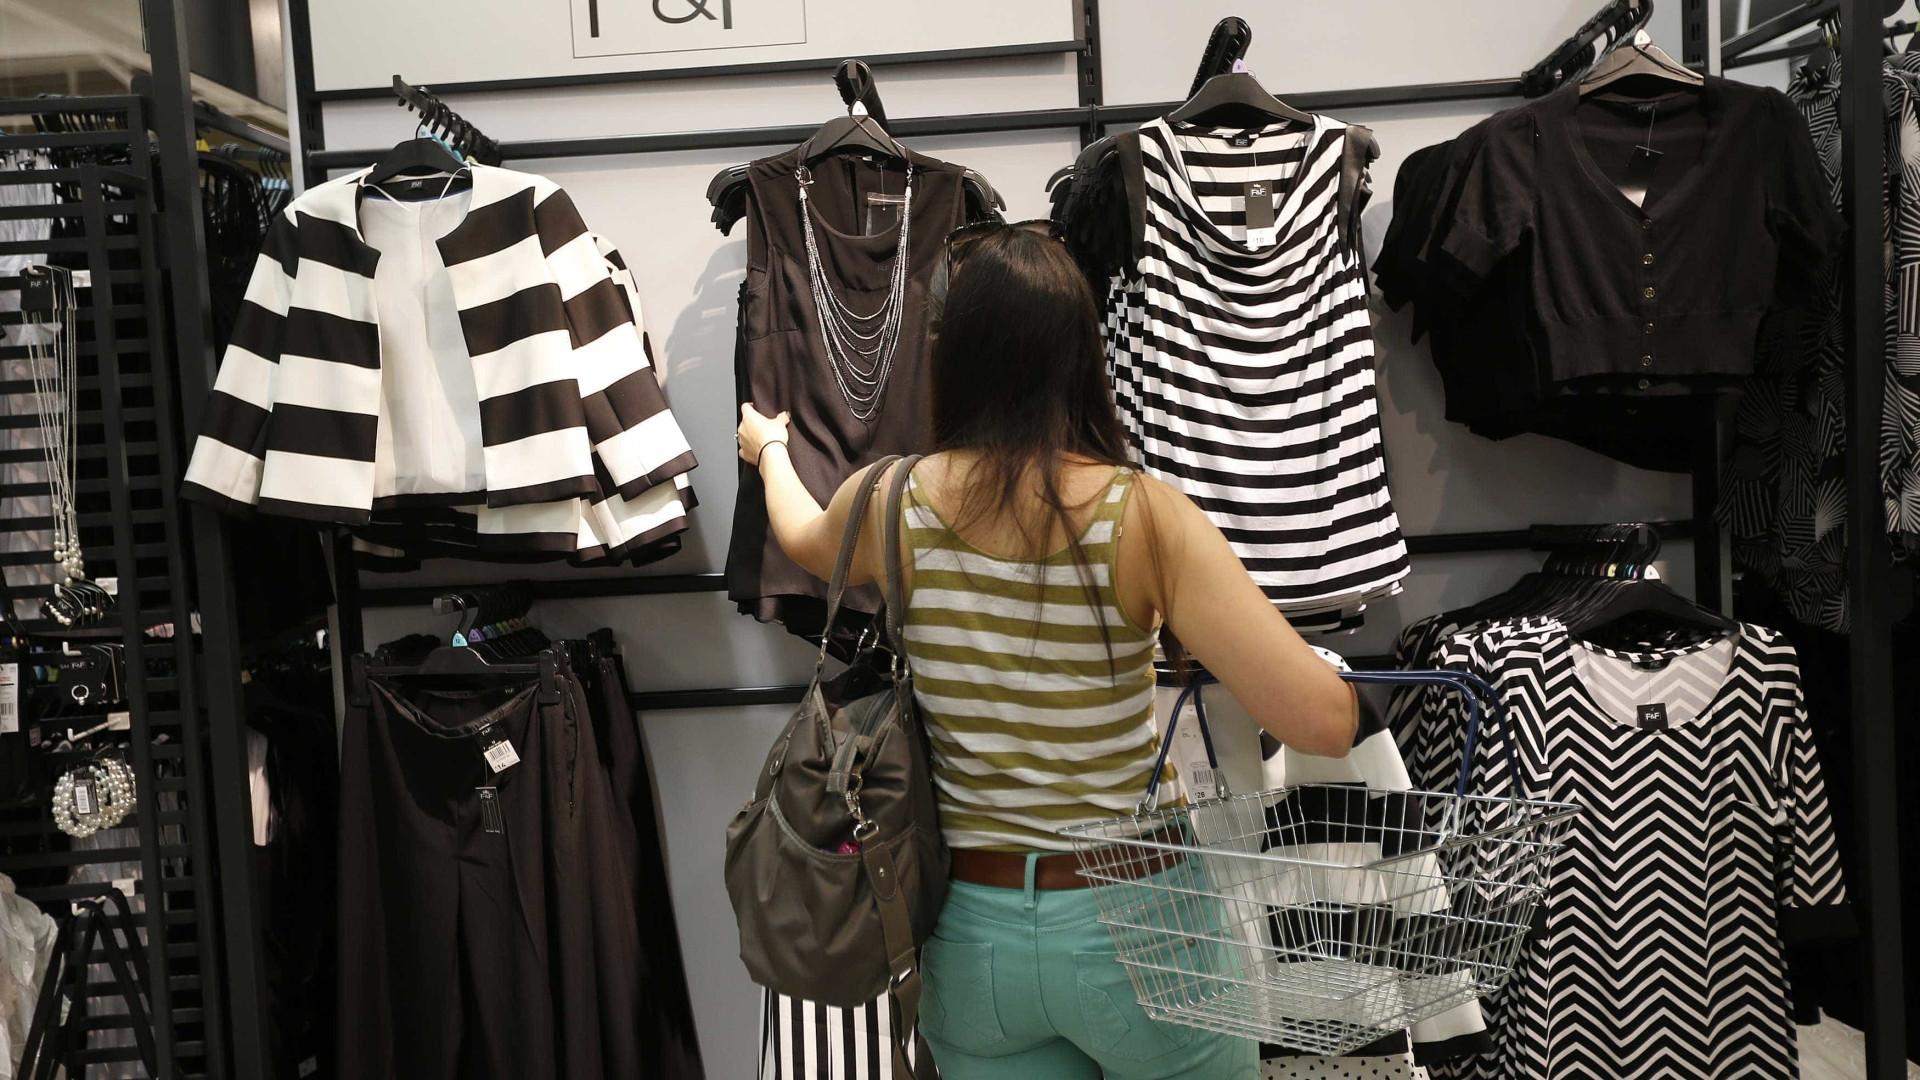 Vendas no varejo brasileiro avançam 1% em abril, diz IBGE